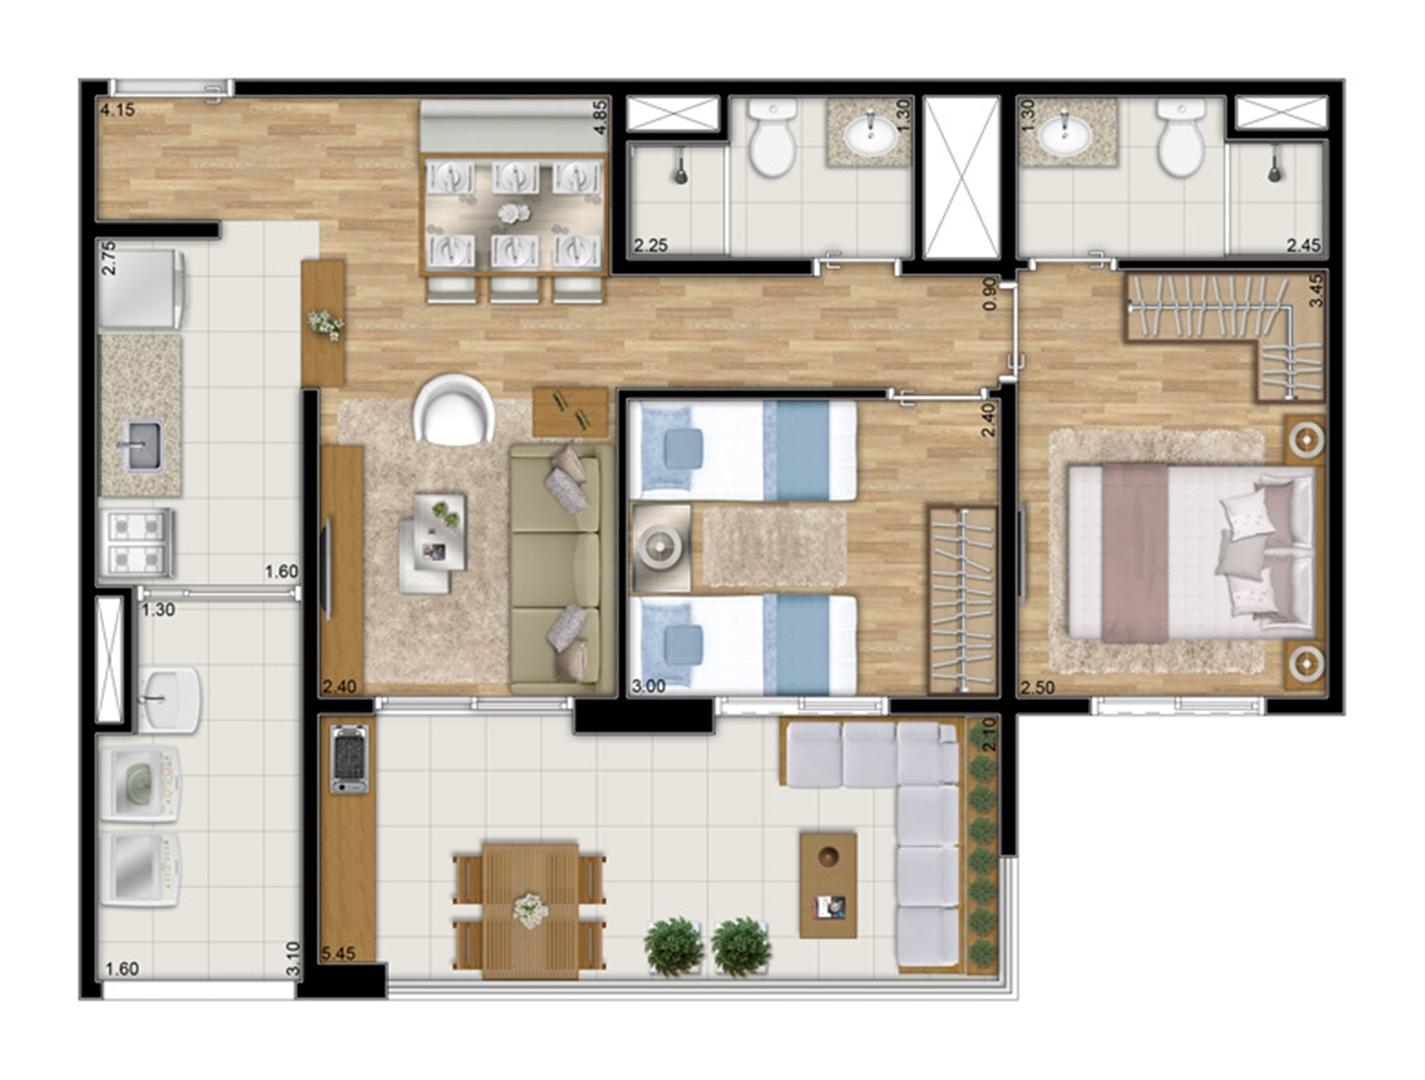 Planta tipo ilustrada do apartamento de 68 m² privativos - 2 dorms. c 1 suíte   Varanda Ipiranga – Apartamento no  Ipiranga - São Paulo - São Paulo